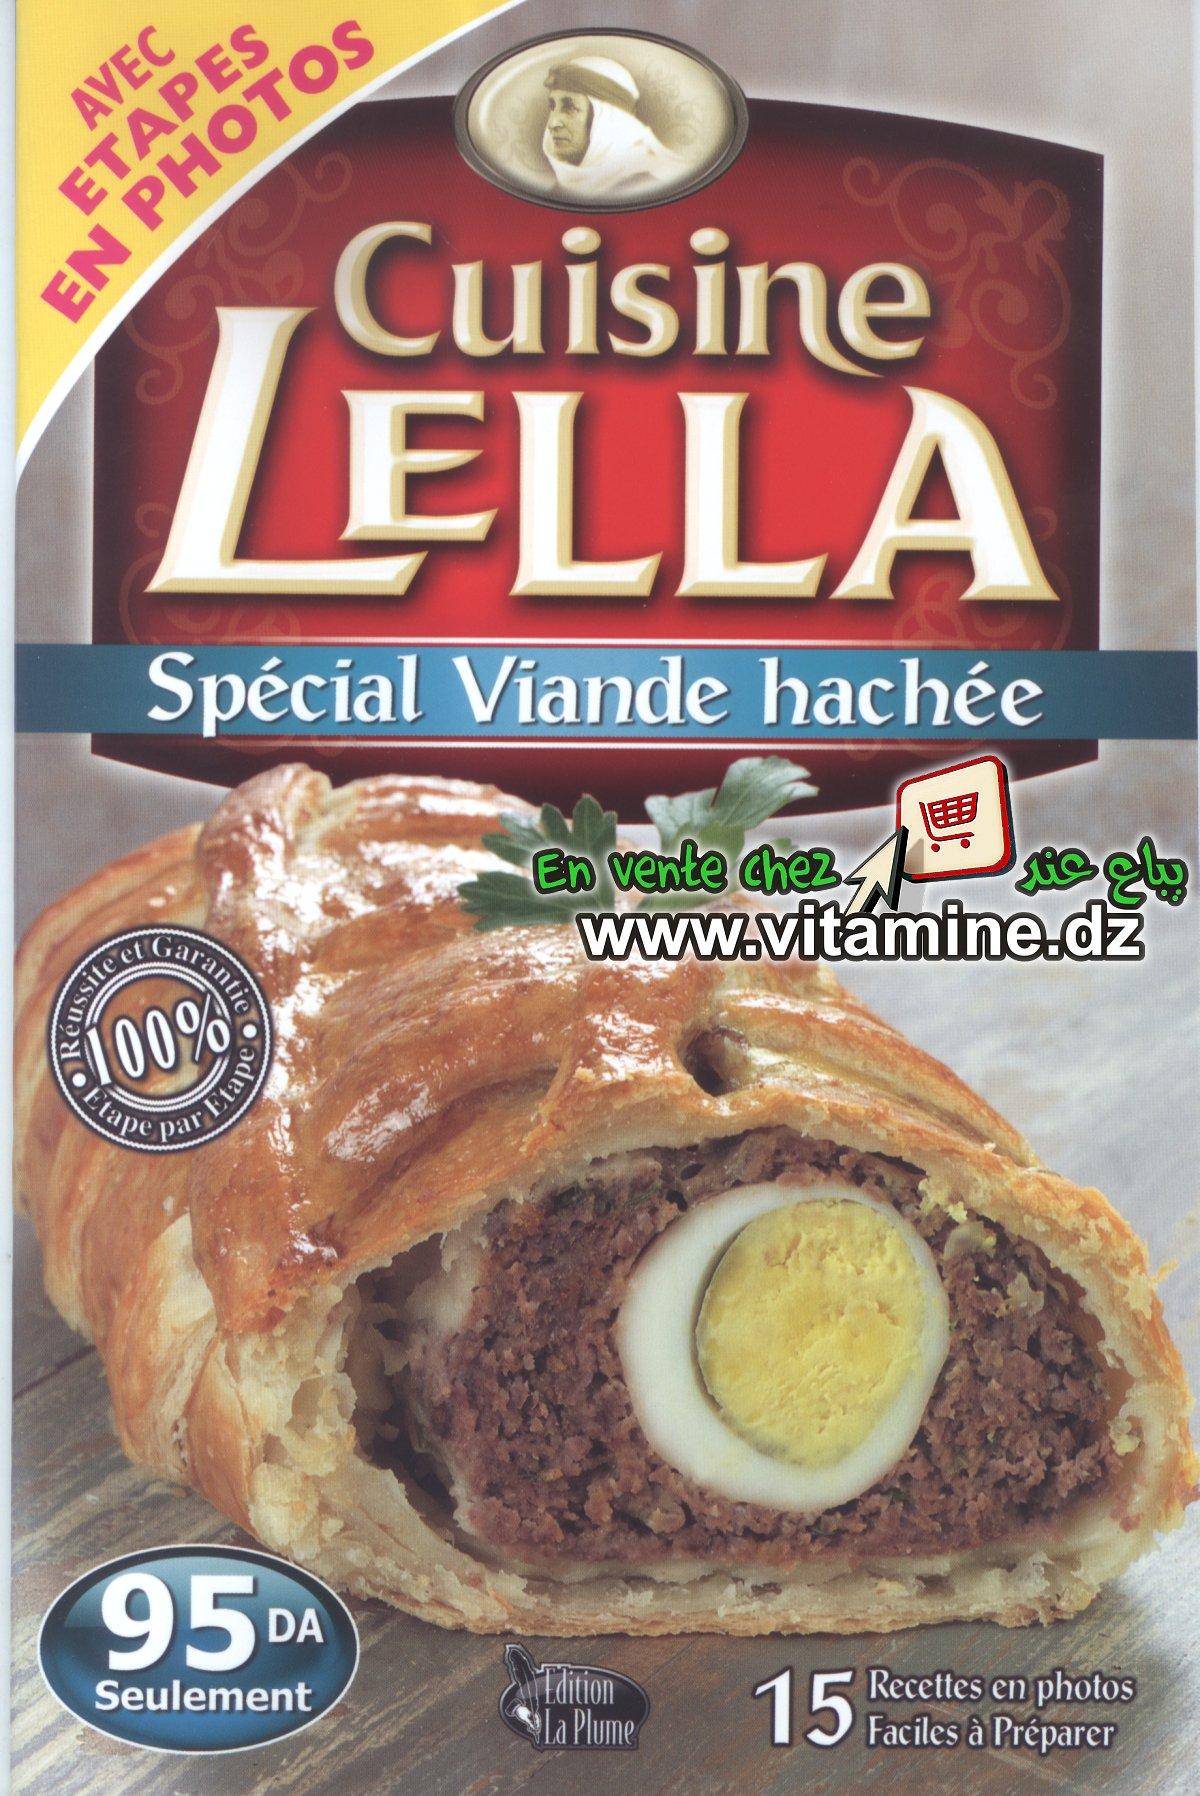 Cuisine Lella - Spécial viande hachée